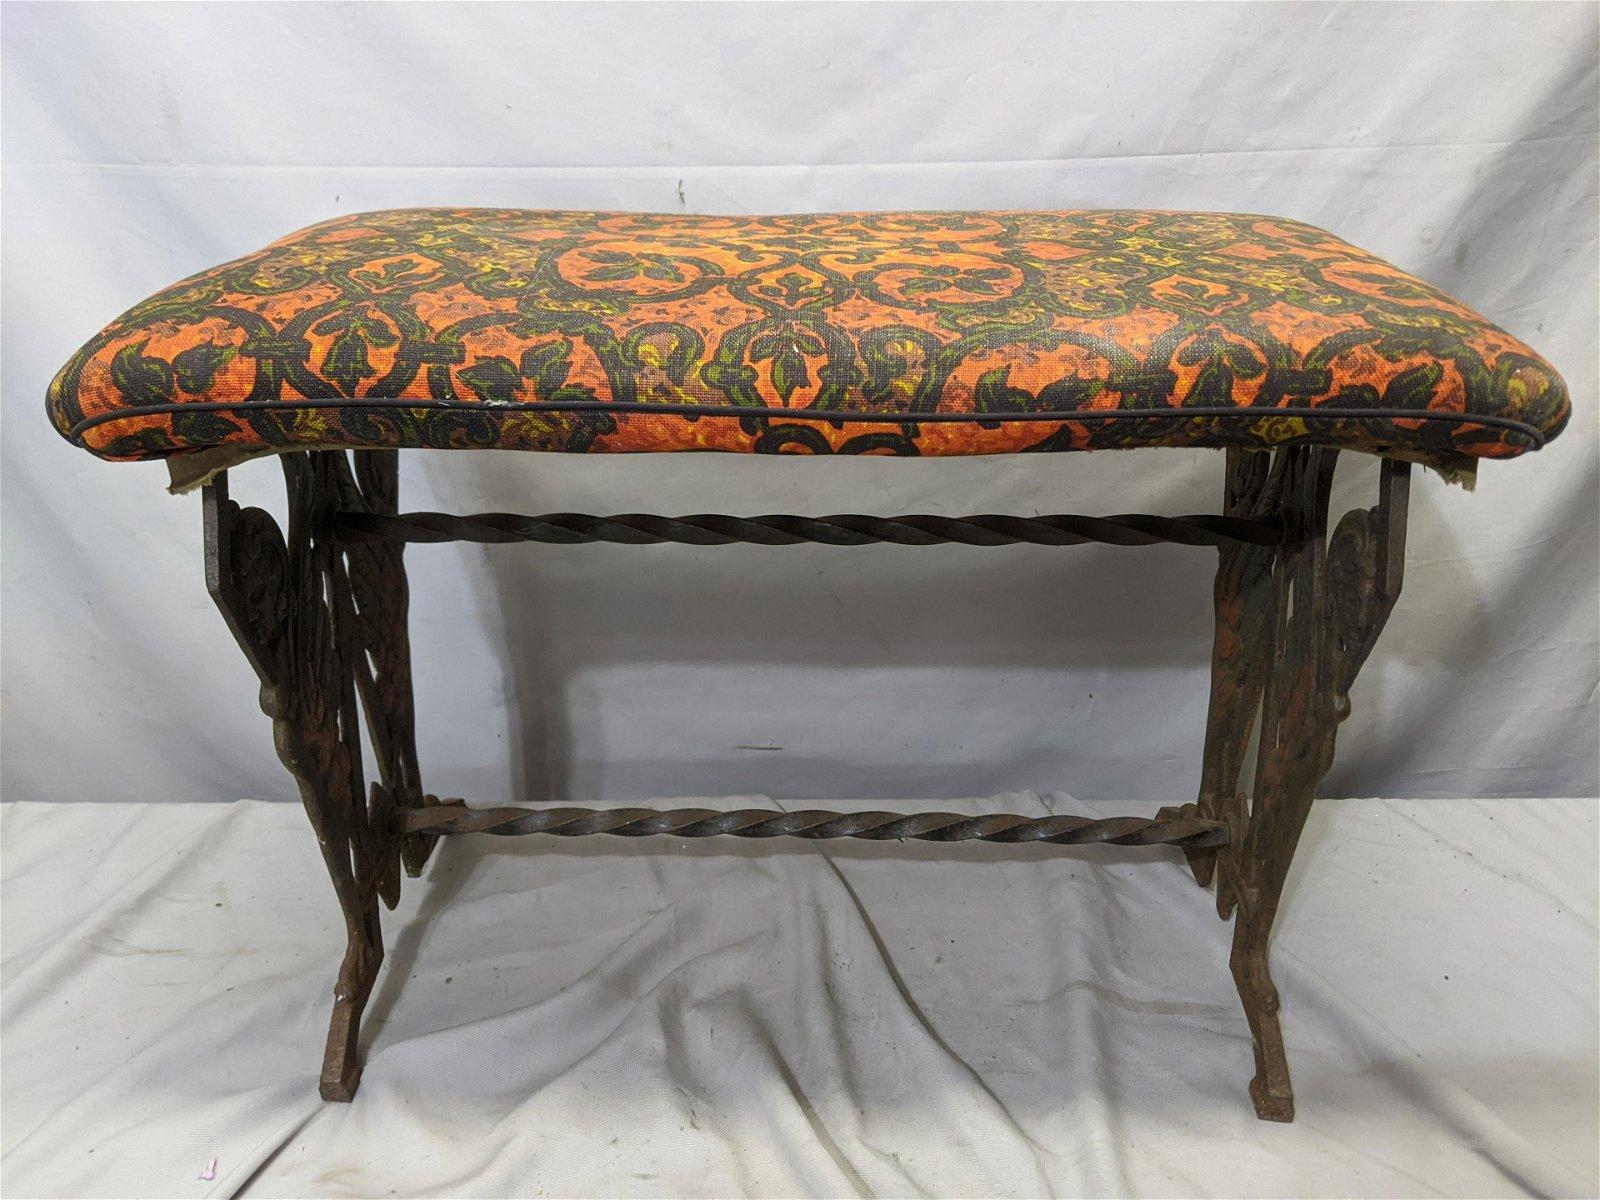 Antique Art Nouveau Cast Iron Upholstered Bench